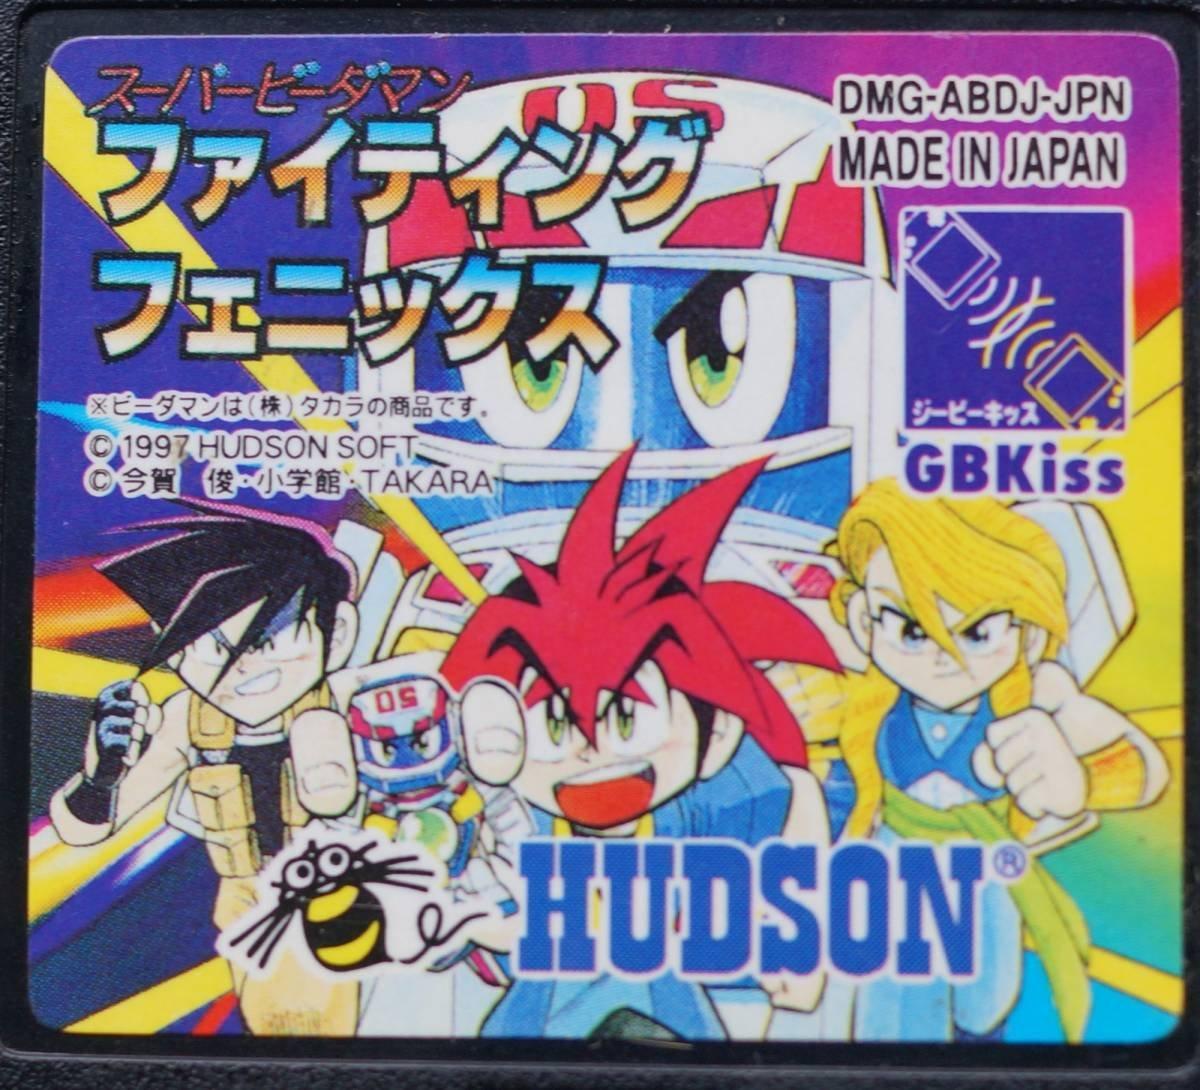 ゲームボーイ カラーカートリッジ : スーパービーダマン ファイティング フェィニックス DMG-ABDJ